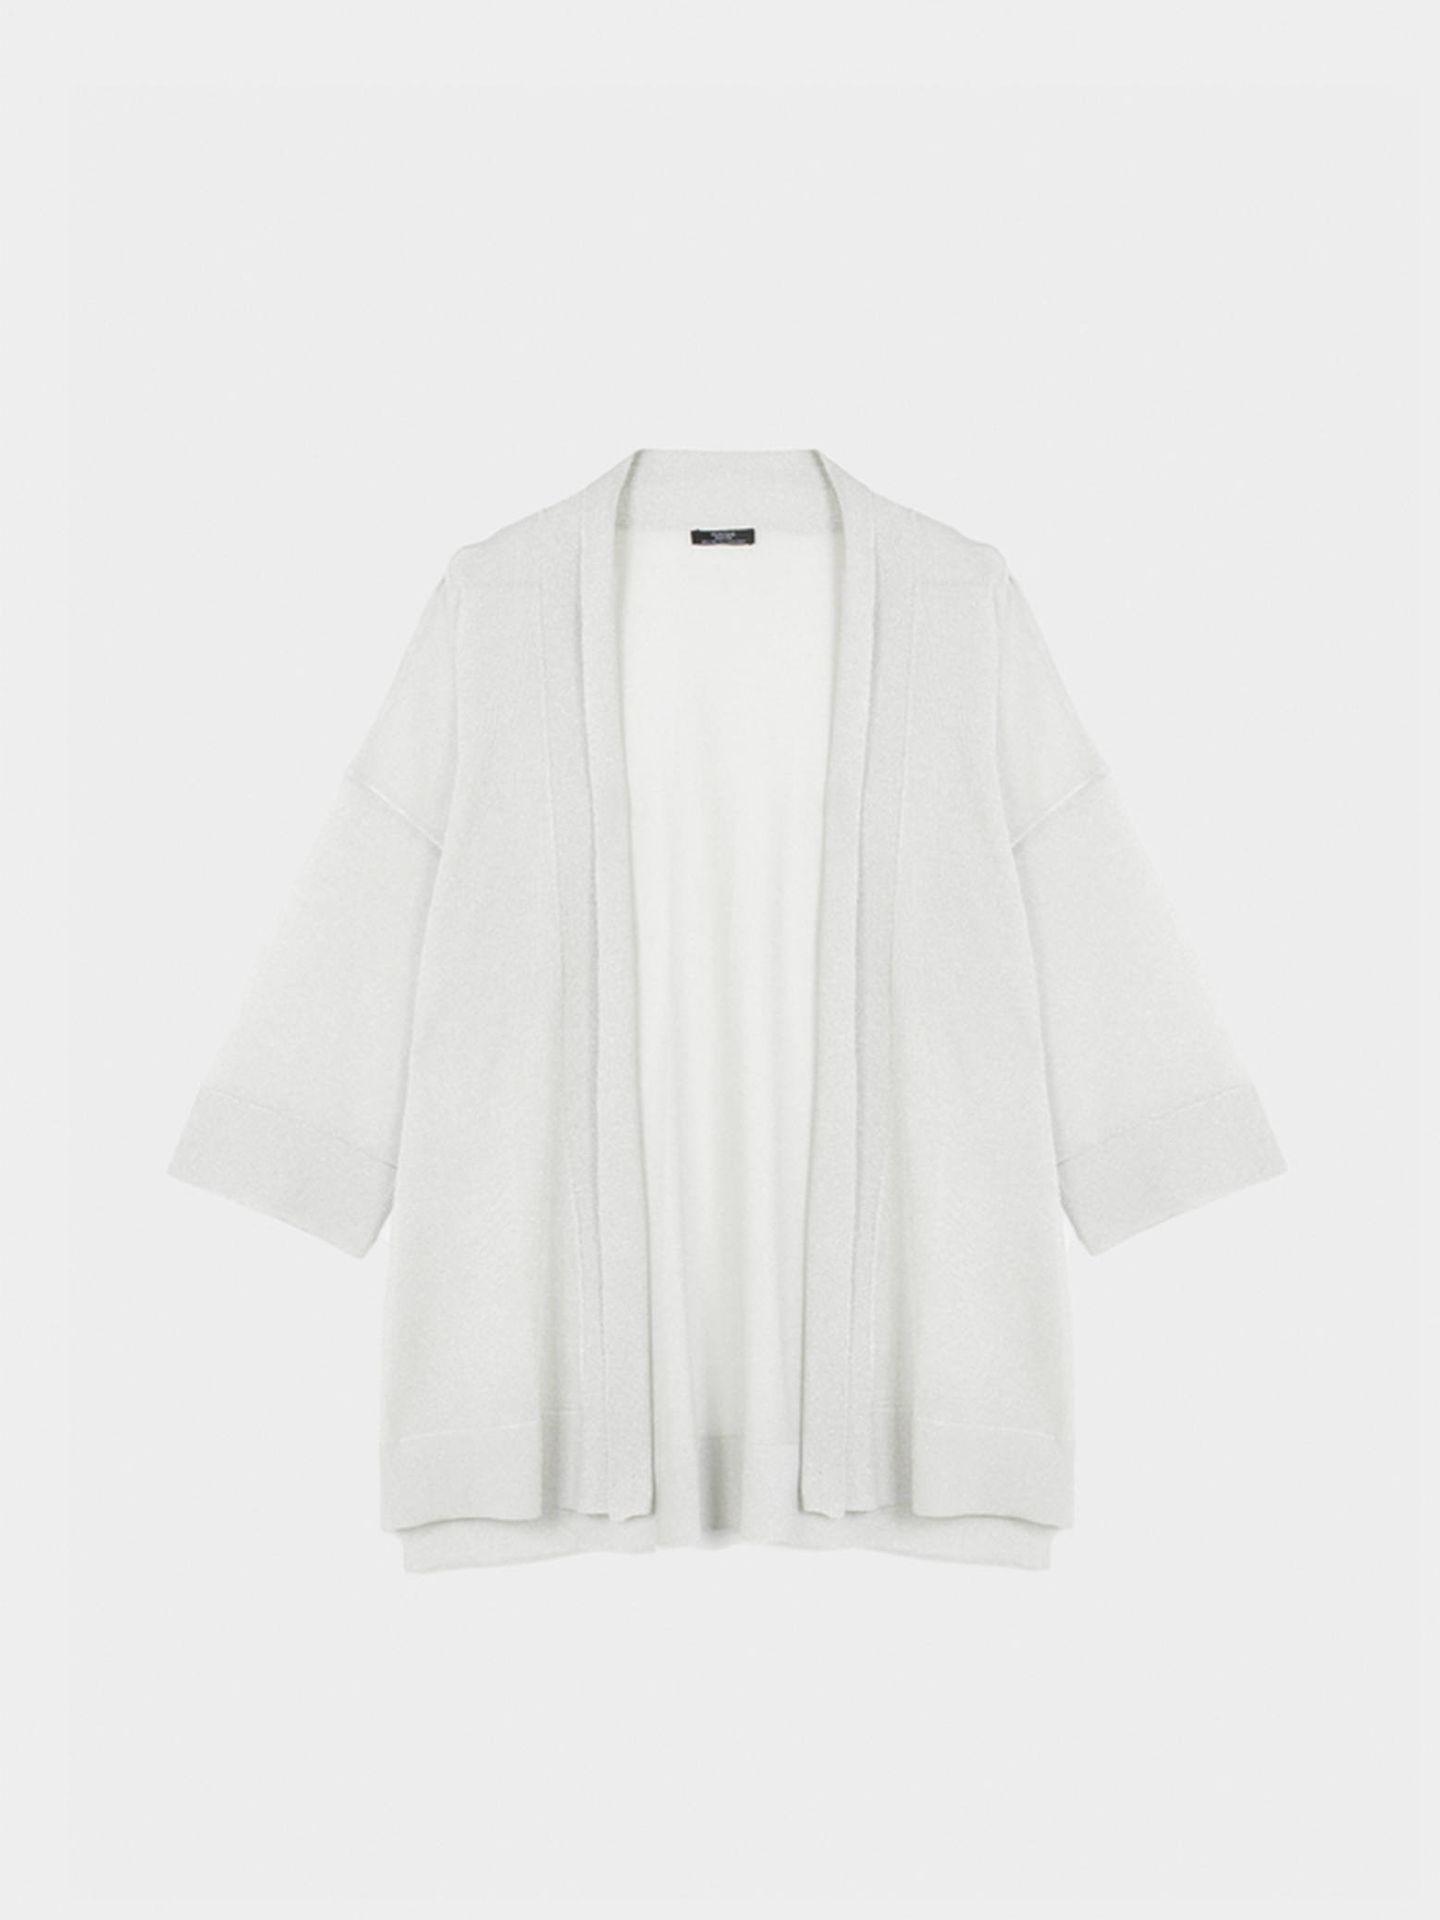 Kimono blanco de Parfois. (Cortesía)